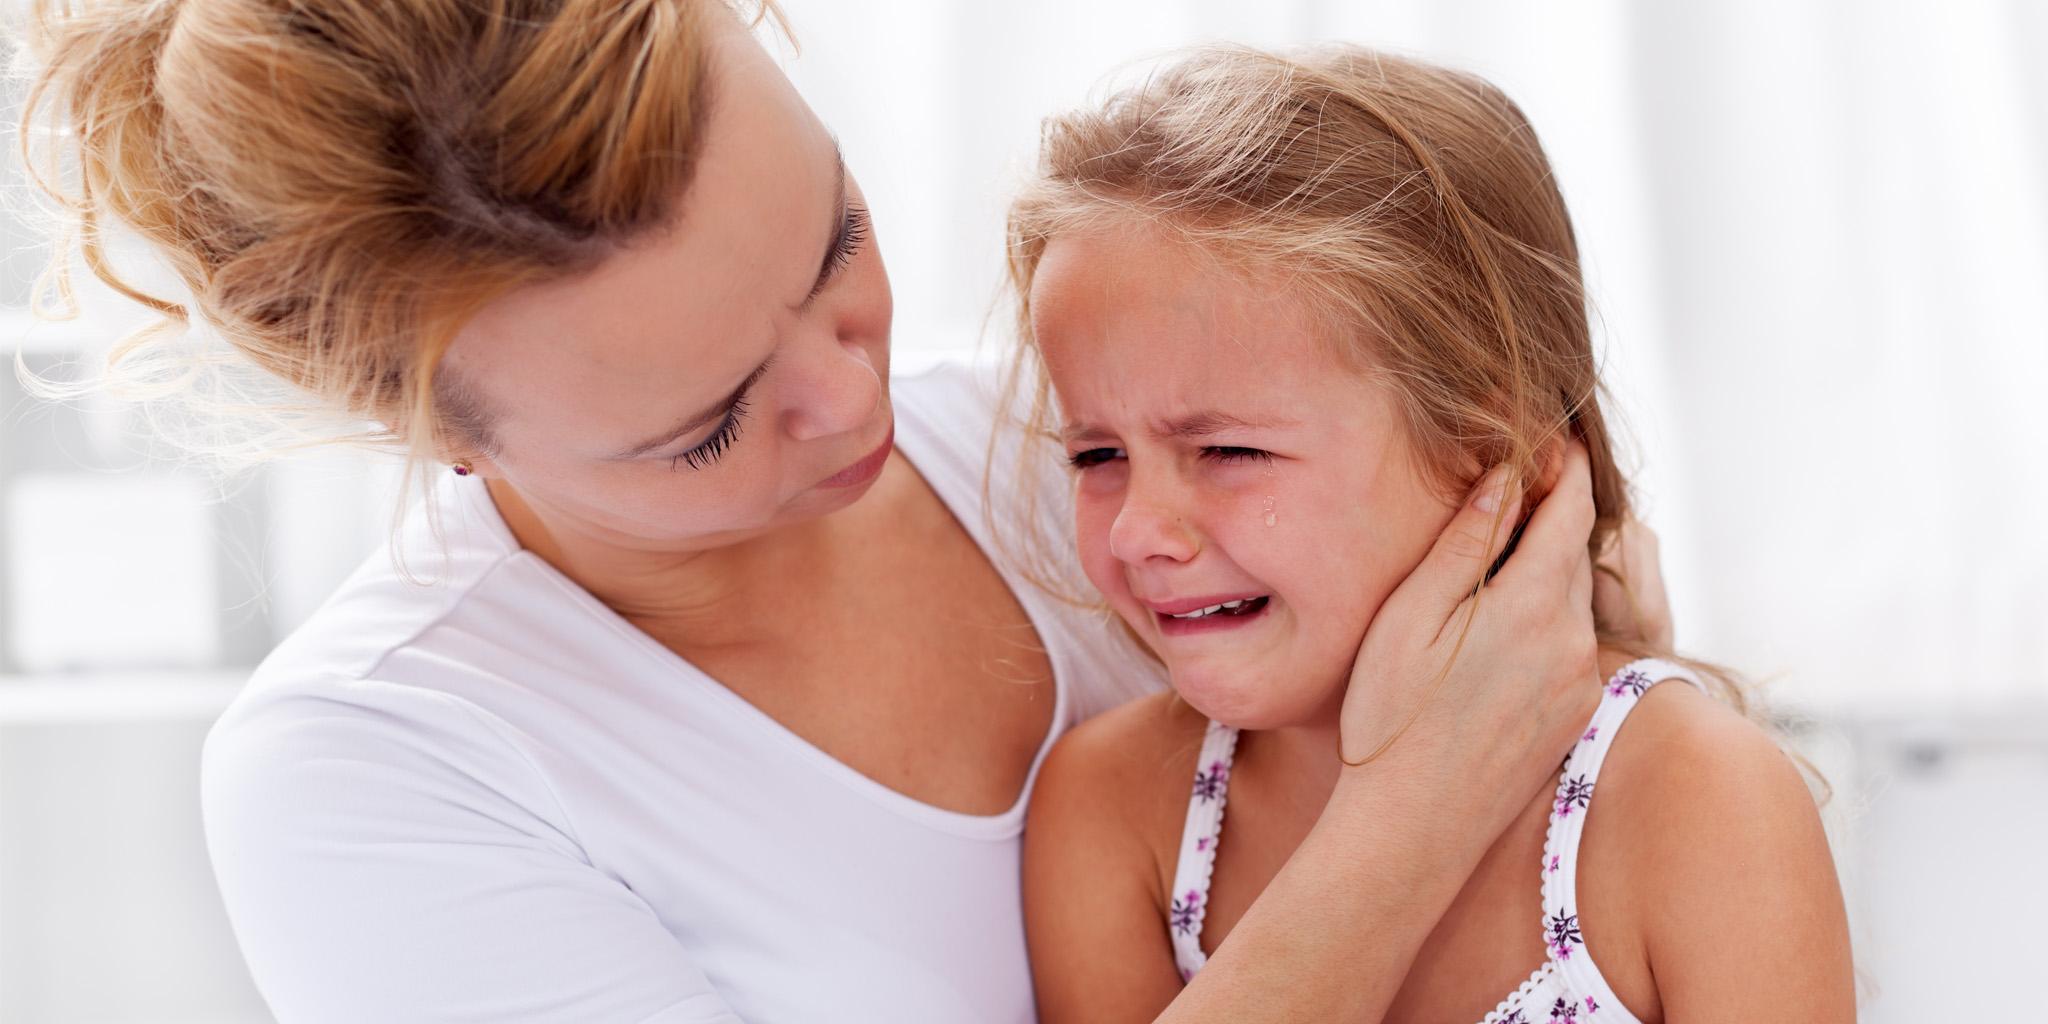 Je vaš otrok ustrahovan?